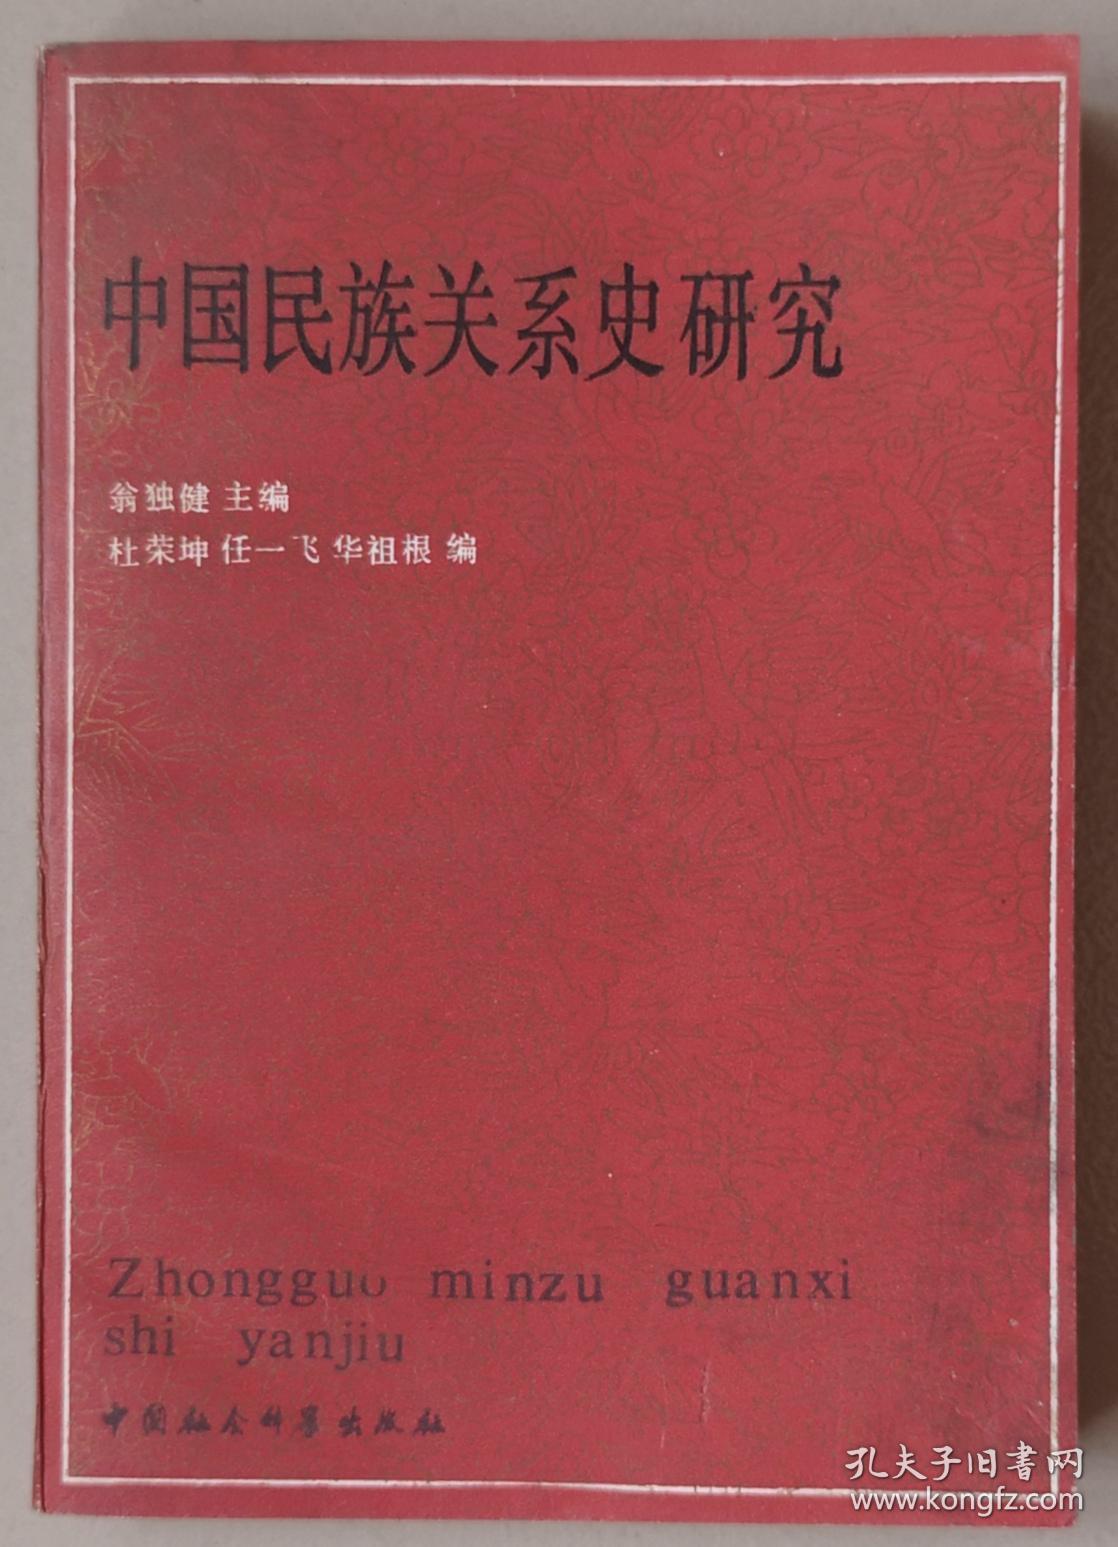 《中国民族关系史研究》翁独健 主编